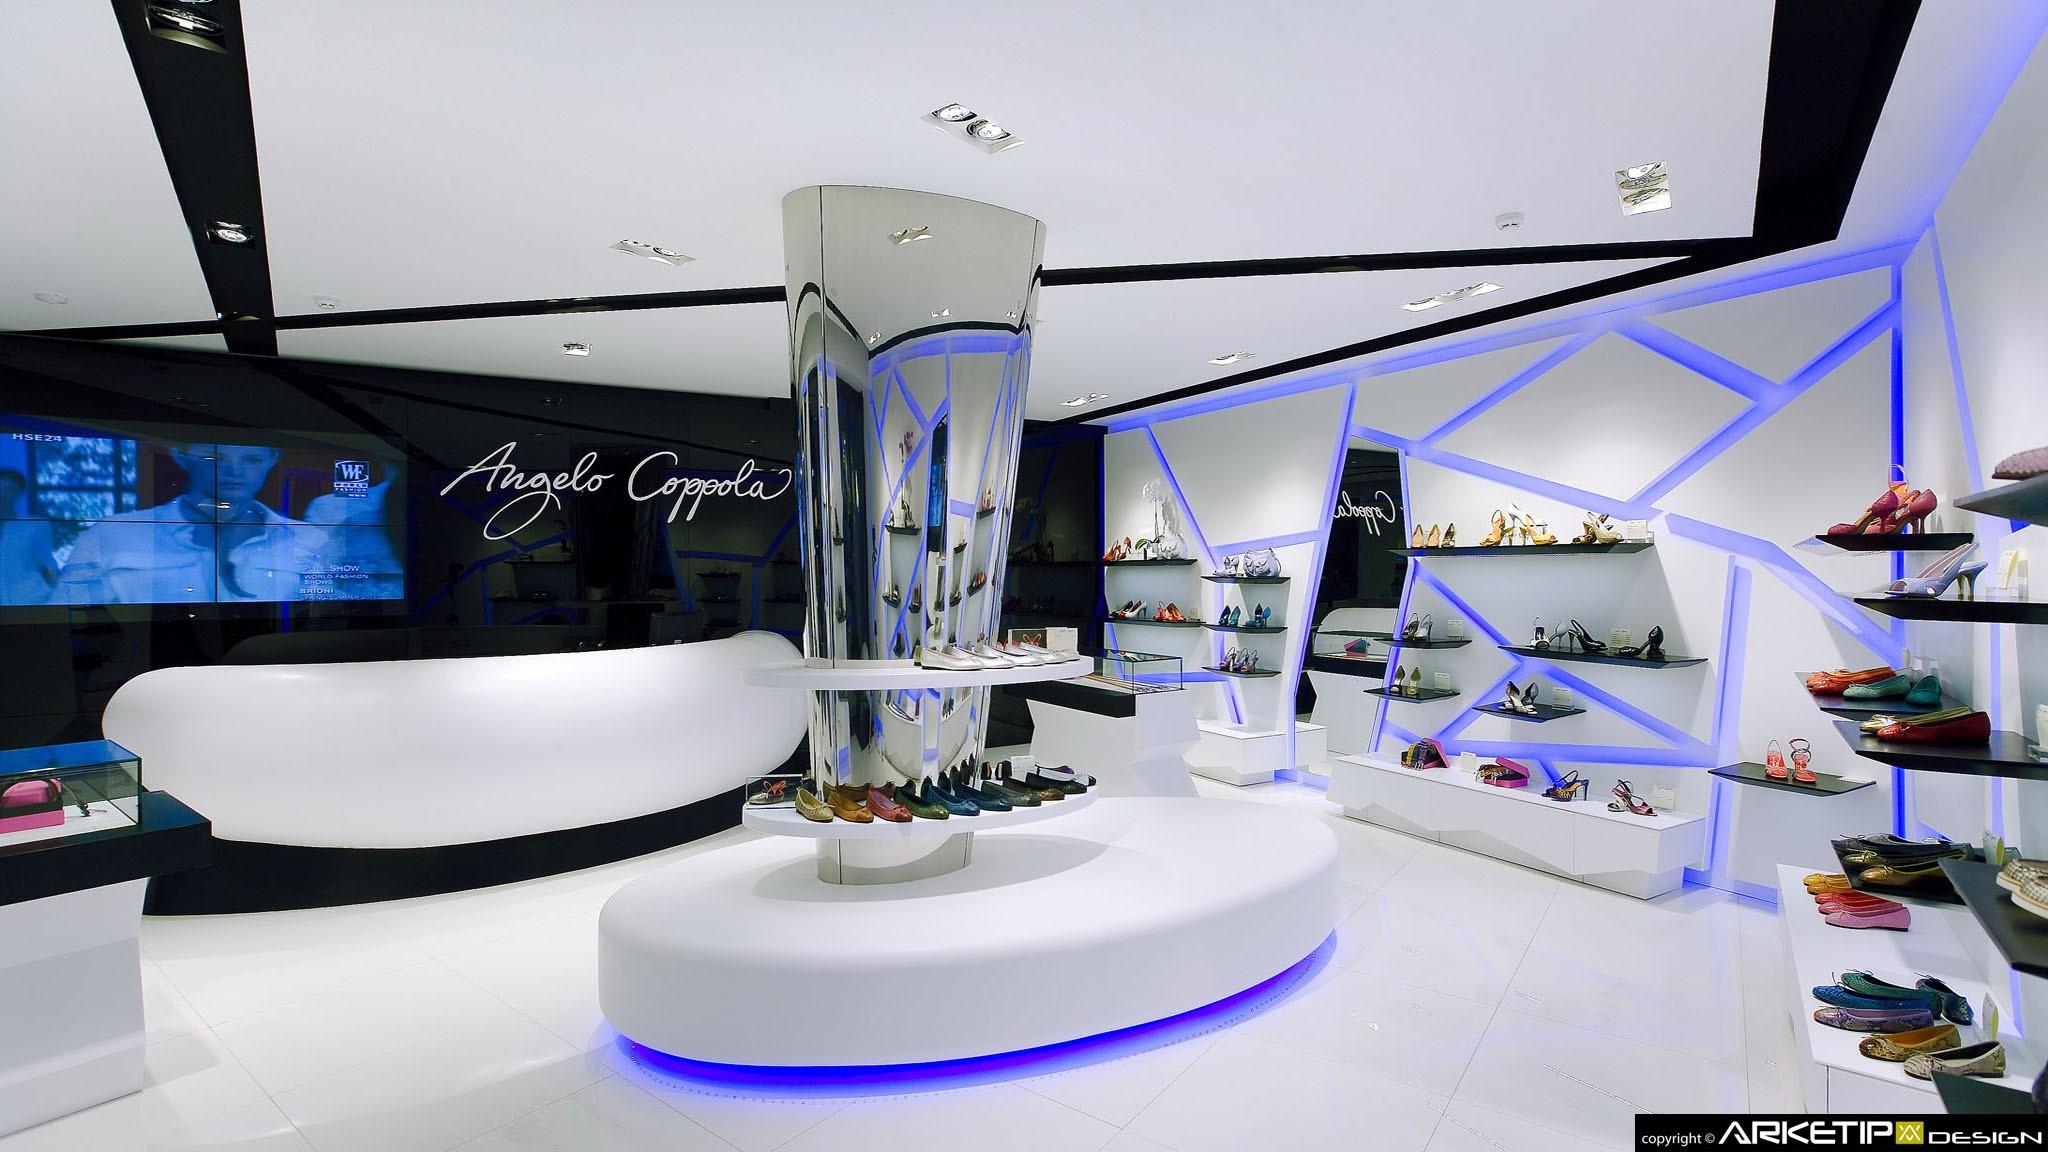 Arredamento negozio calzature angelo coppola monza for Arredamento negozi